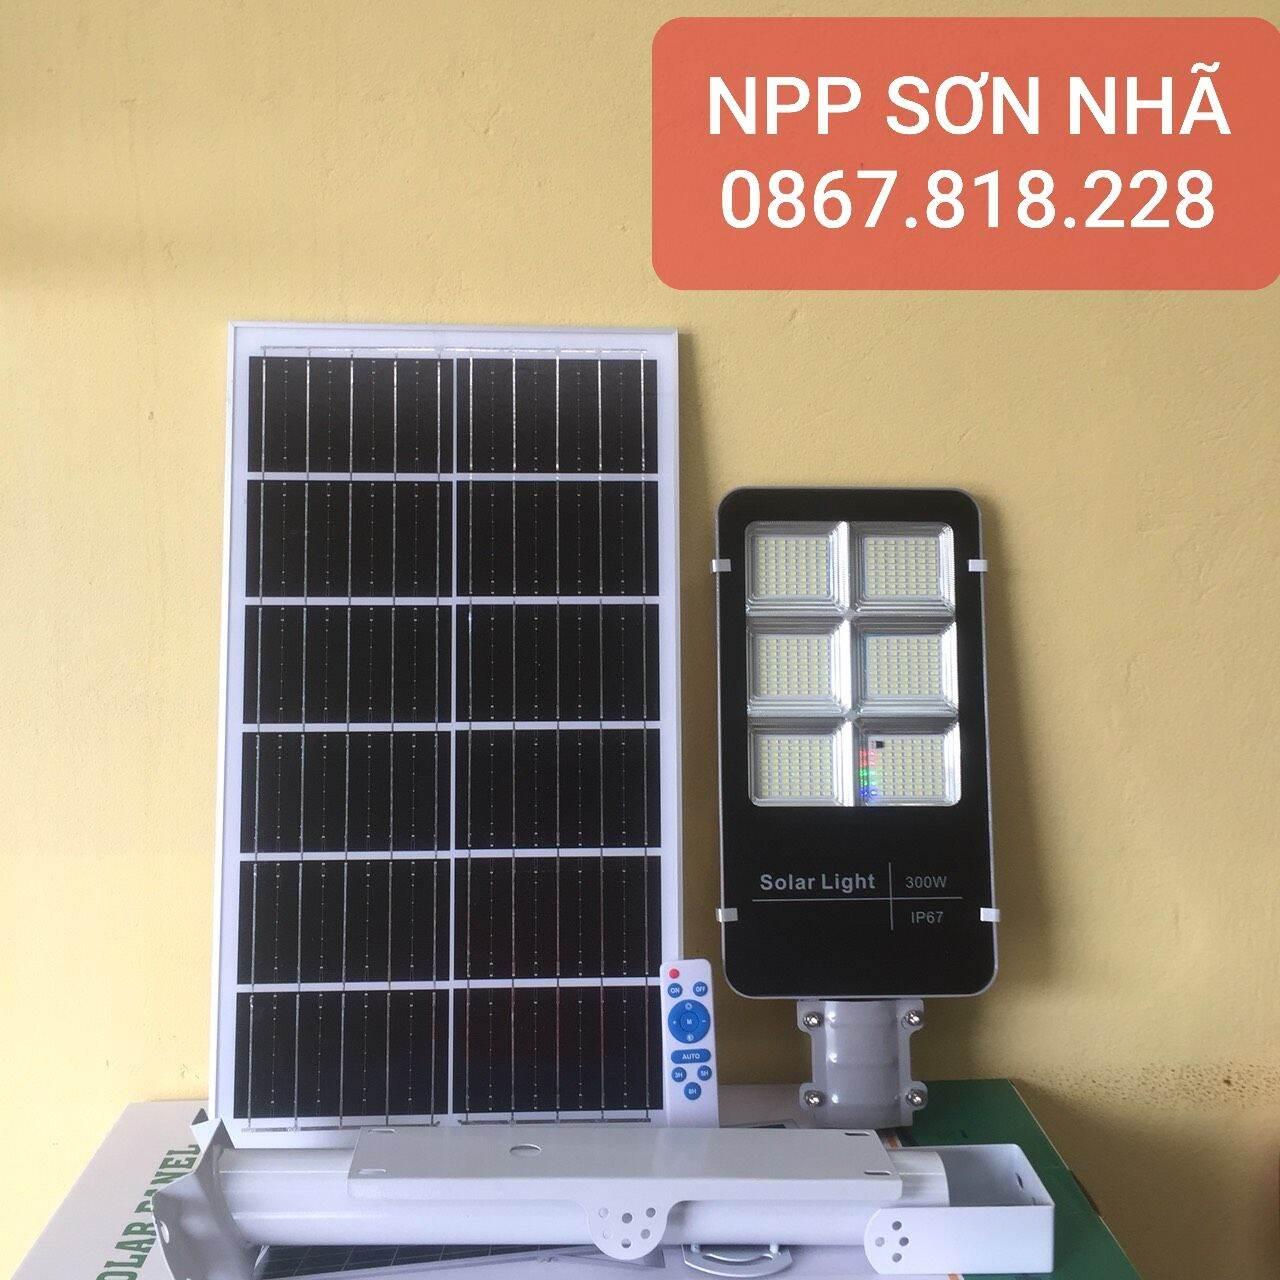 Đèn năng lượng mặt trời bàn chải 300W